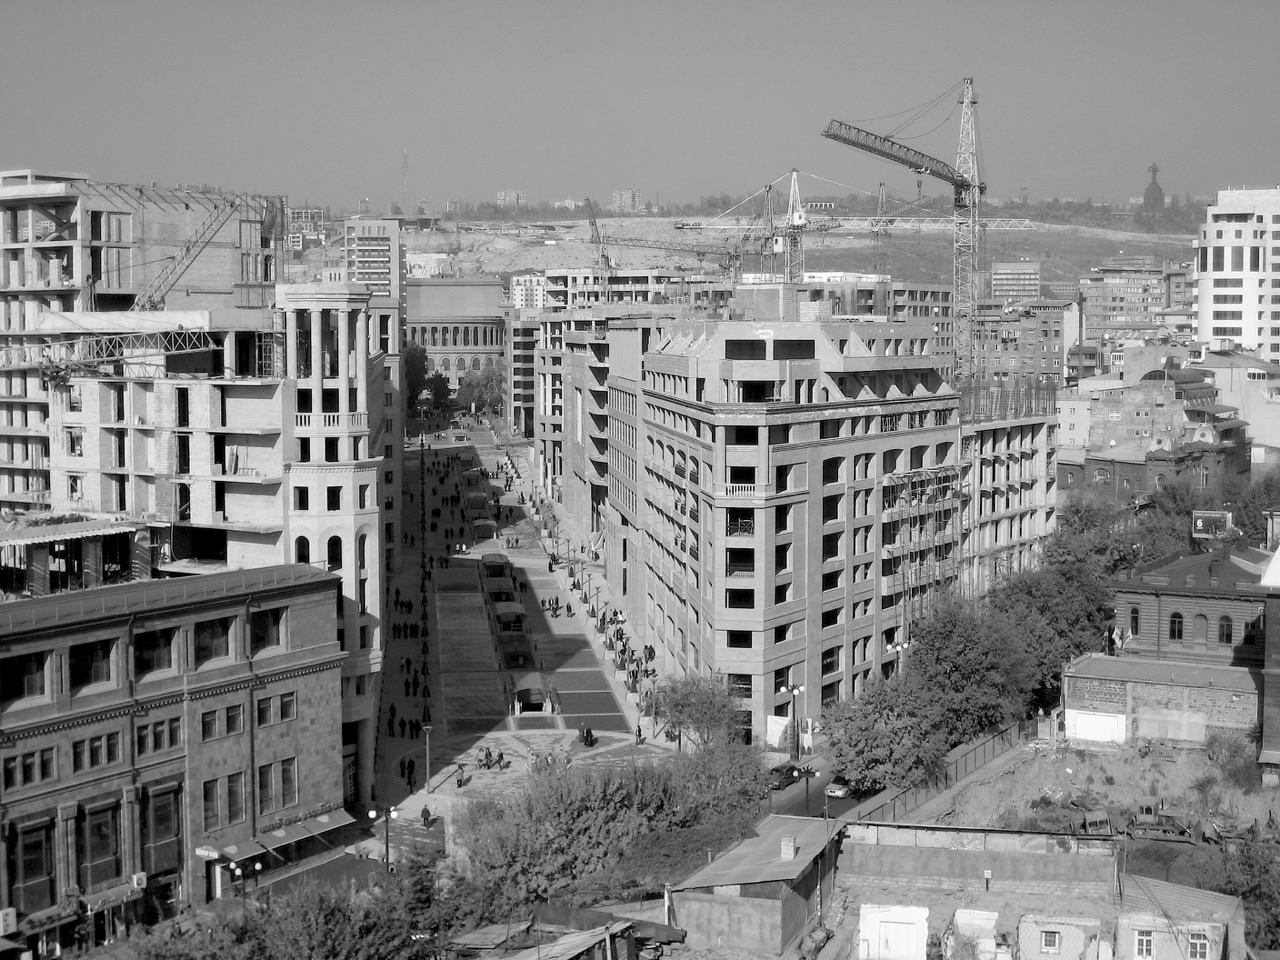 Foto: Northern Avenue. Aus: Eriwan. Kapitel 1. Aufzeichnungen aus Armenien von Marc Degens.